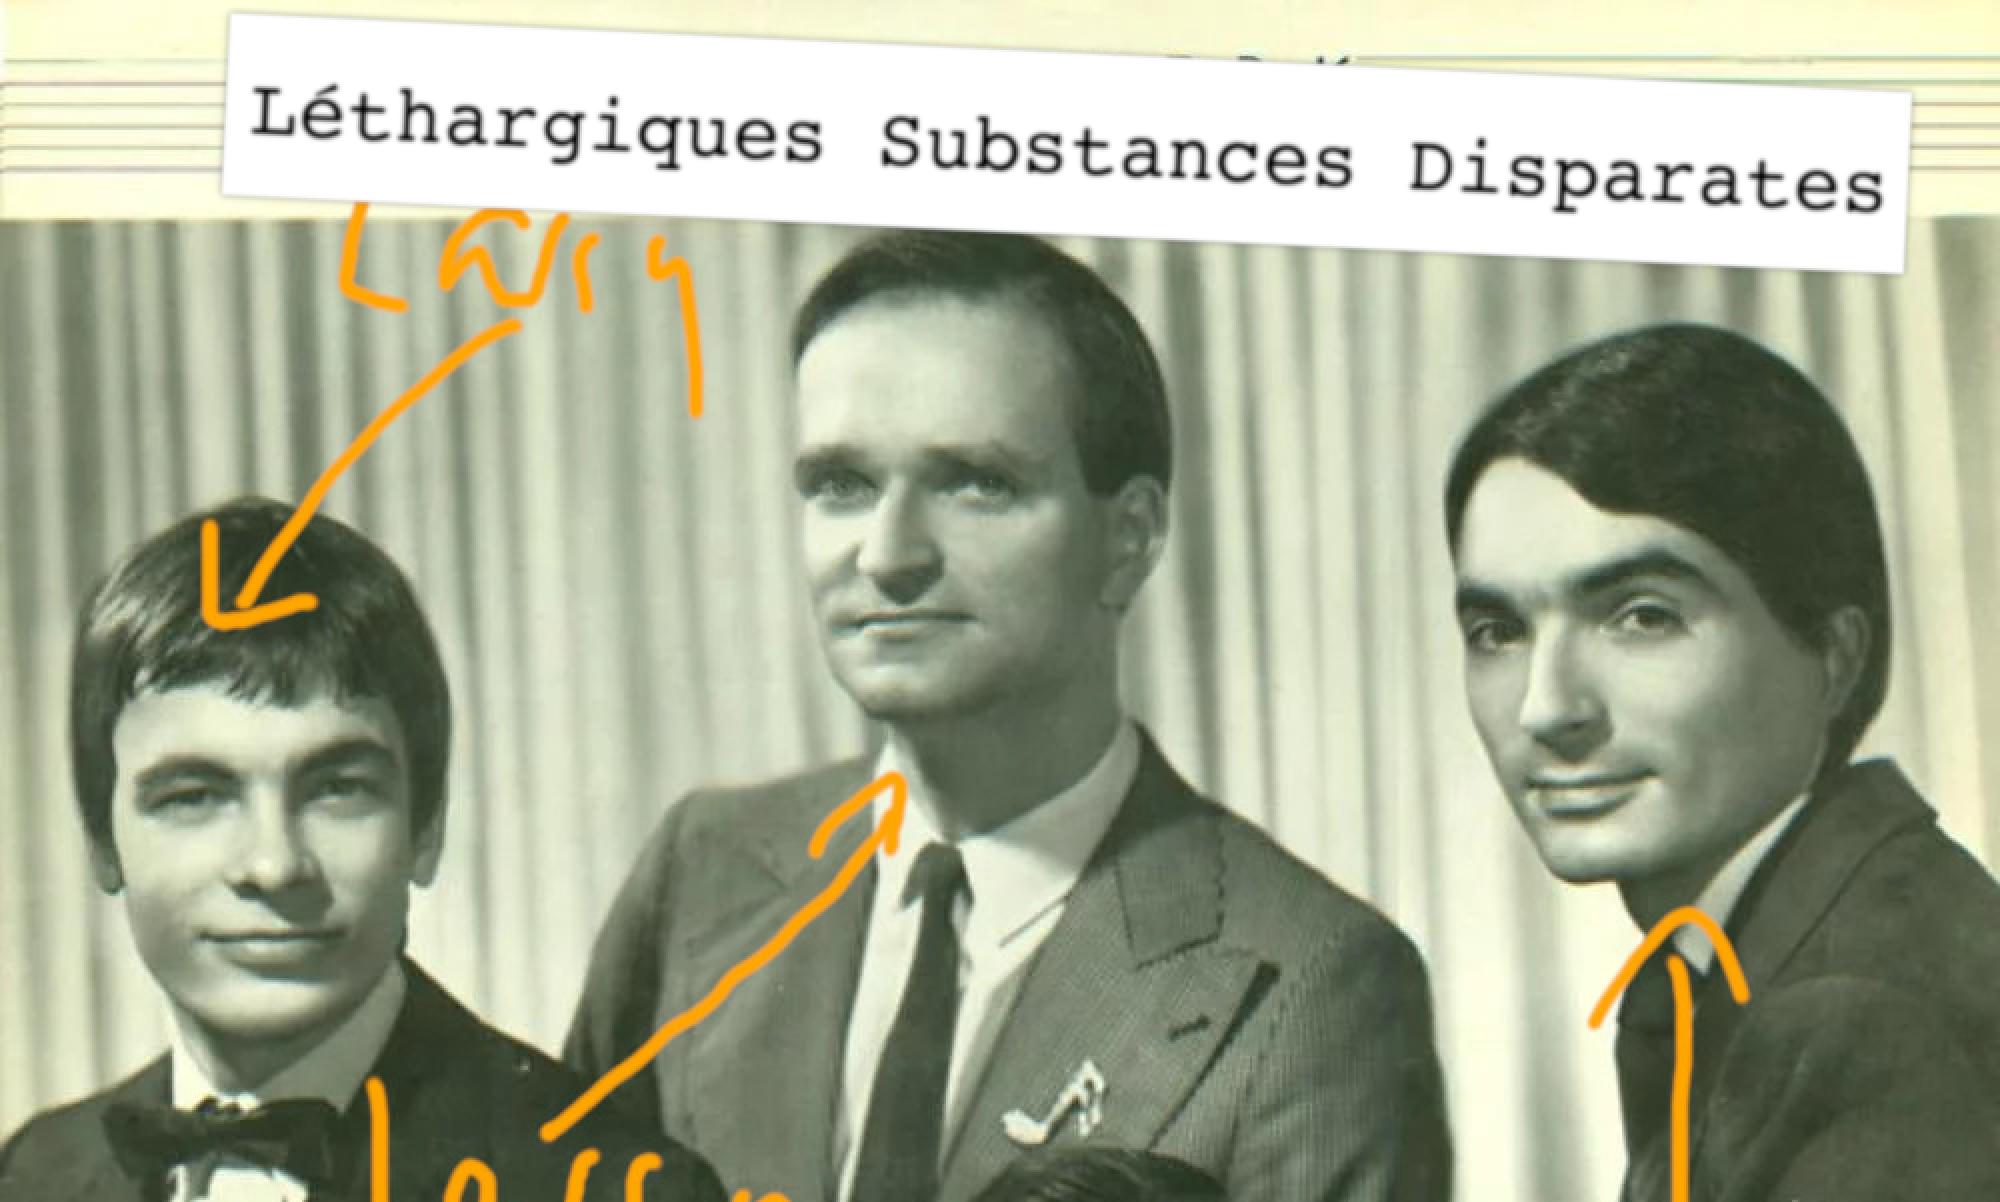 Léthargiques substances disparates